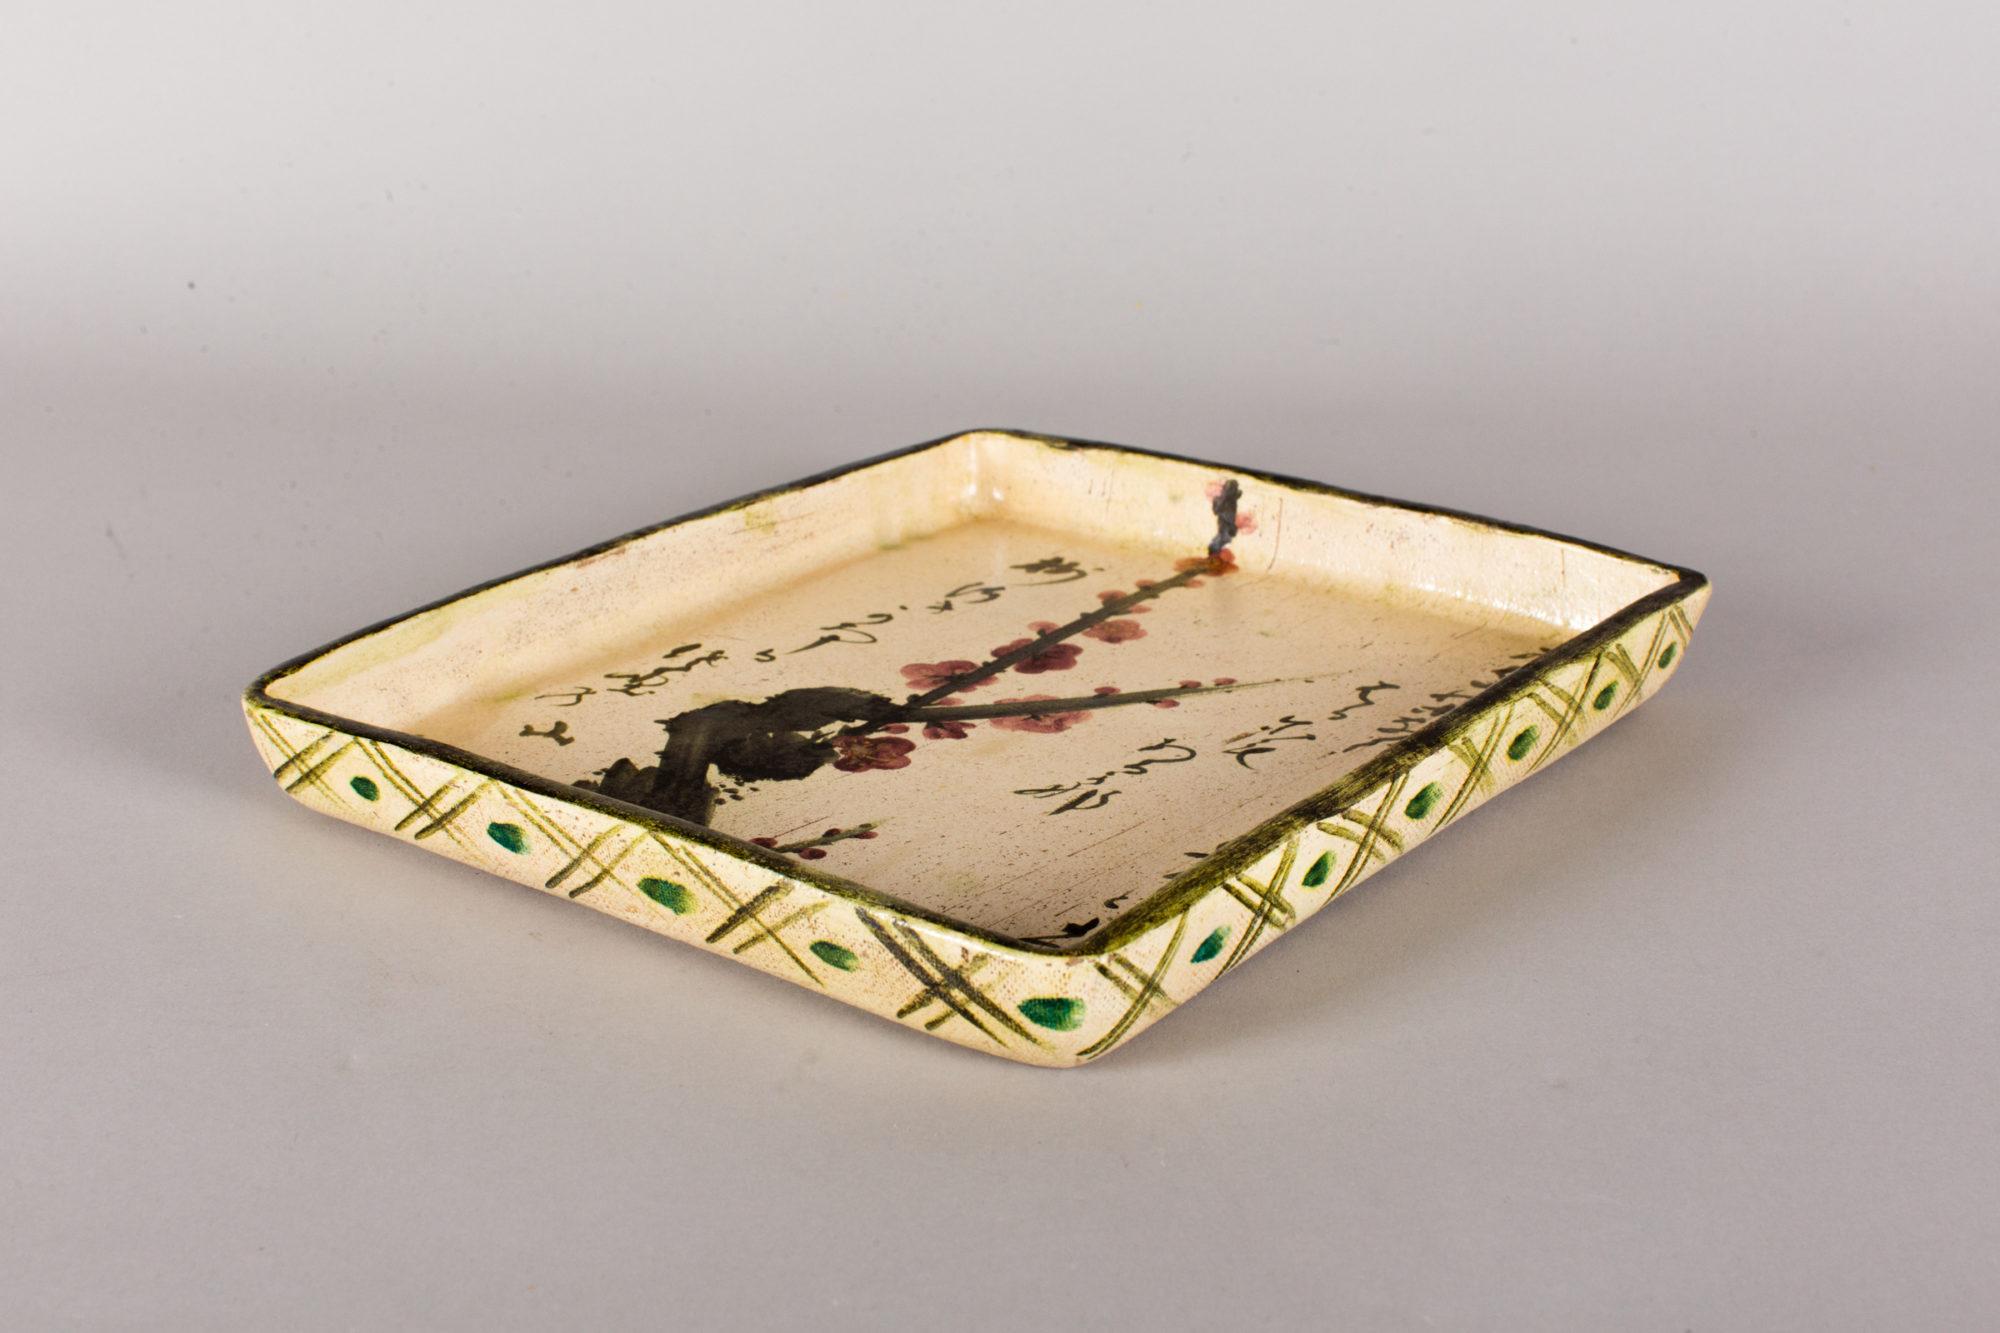 Antique Japanese Ceramic Plate with Plum Design